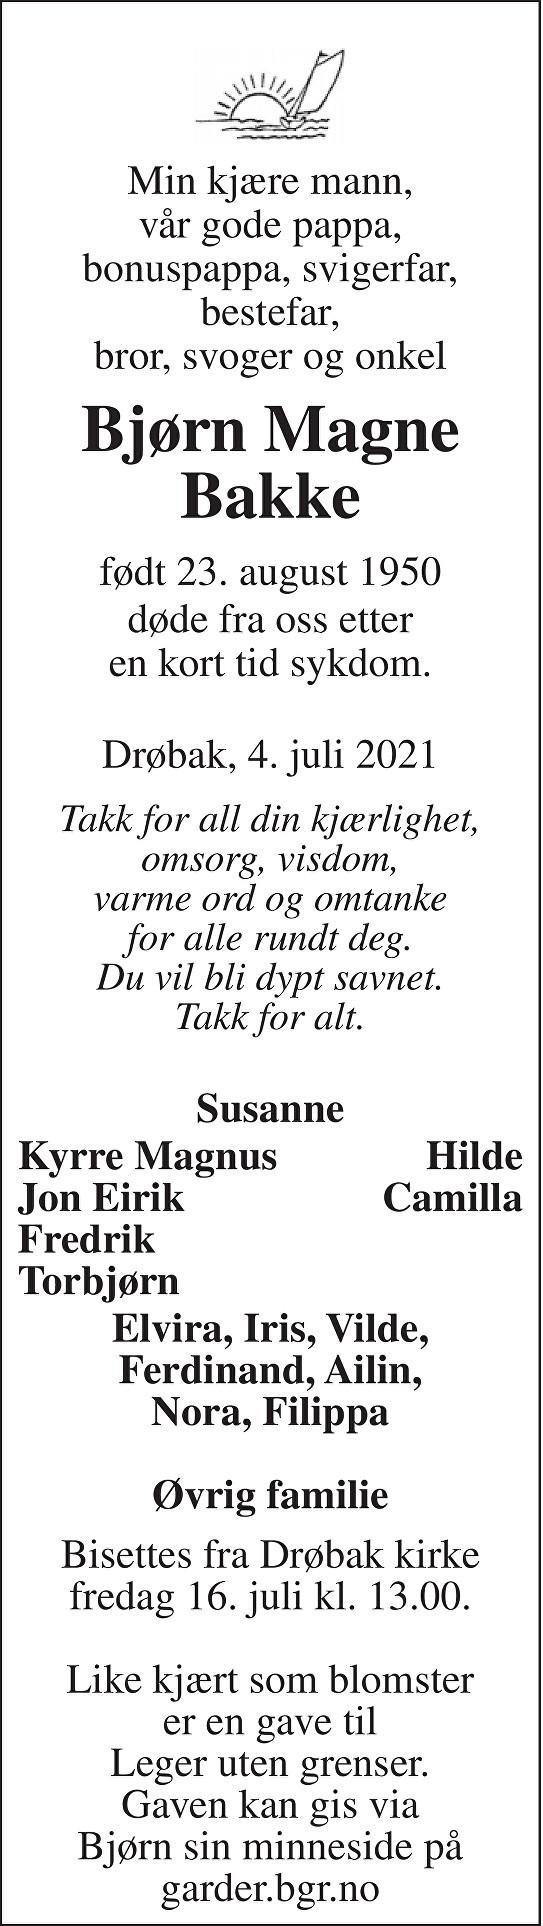 Bjørn Magne Bakke Dødsannonse